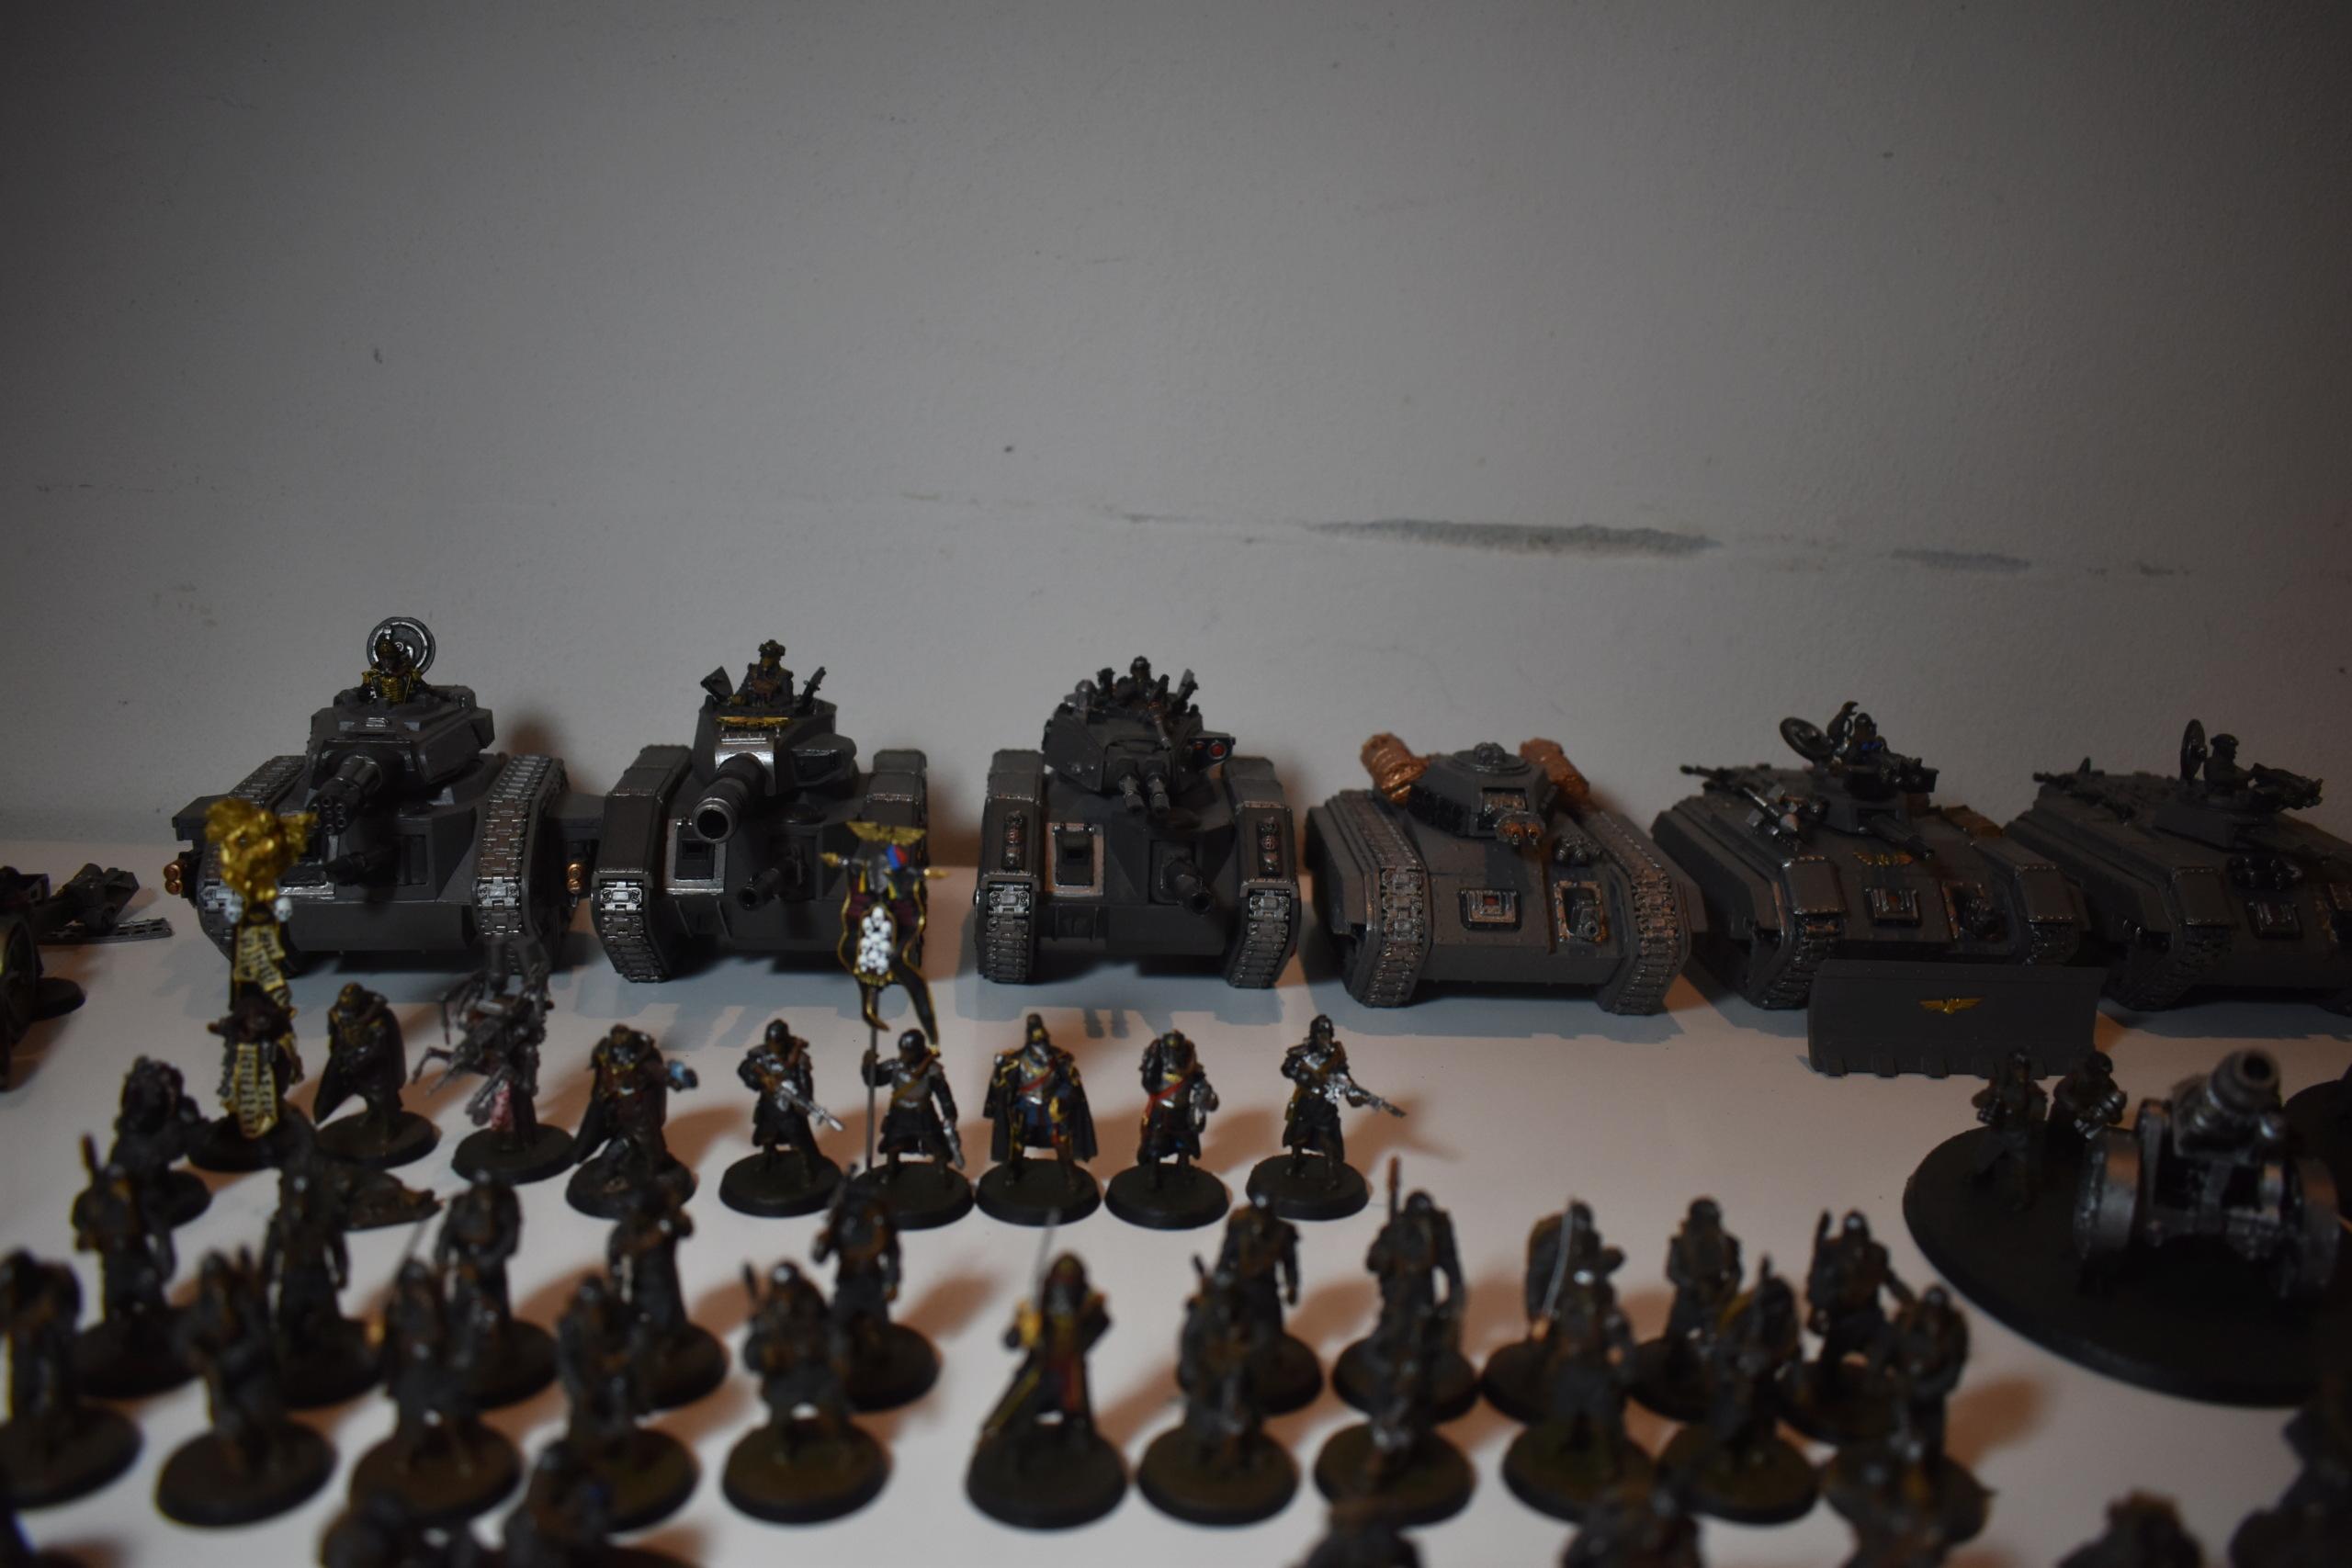 Les Armées de Nico. (Battle, 40K & HH) - Page 6 Dsc_0236